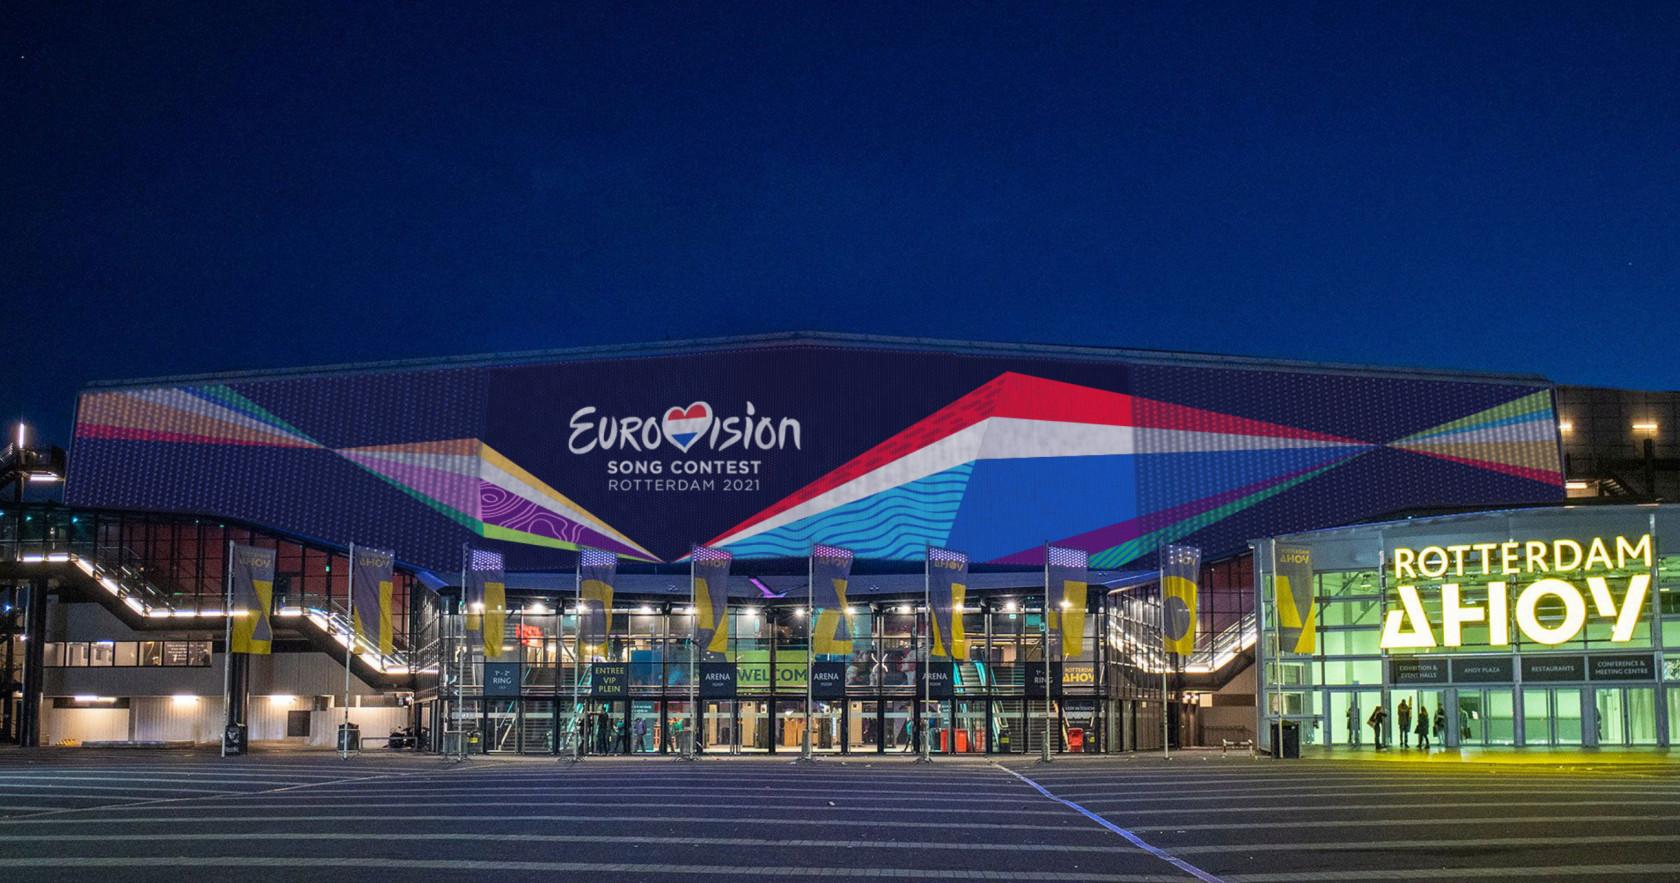 Ge%C3%A7en+y%C4%B1l+iptal+edilmi%C5%9Fti...+Eurovision+%C5%9Fark%C4%B1+yar%C4%B1%C5%9Fmas%C4%B1+bu+sene+canl%C4%B1+olarak+ger%C3%A7ekle%C5%9Ftirilecek